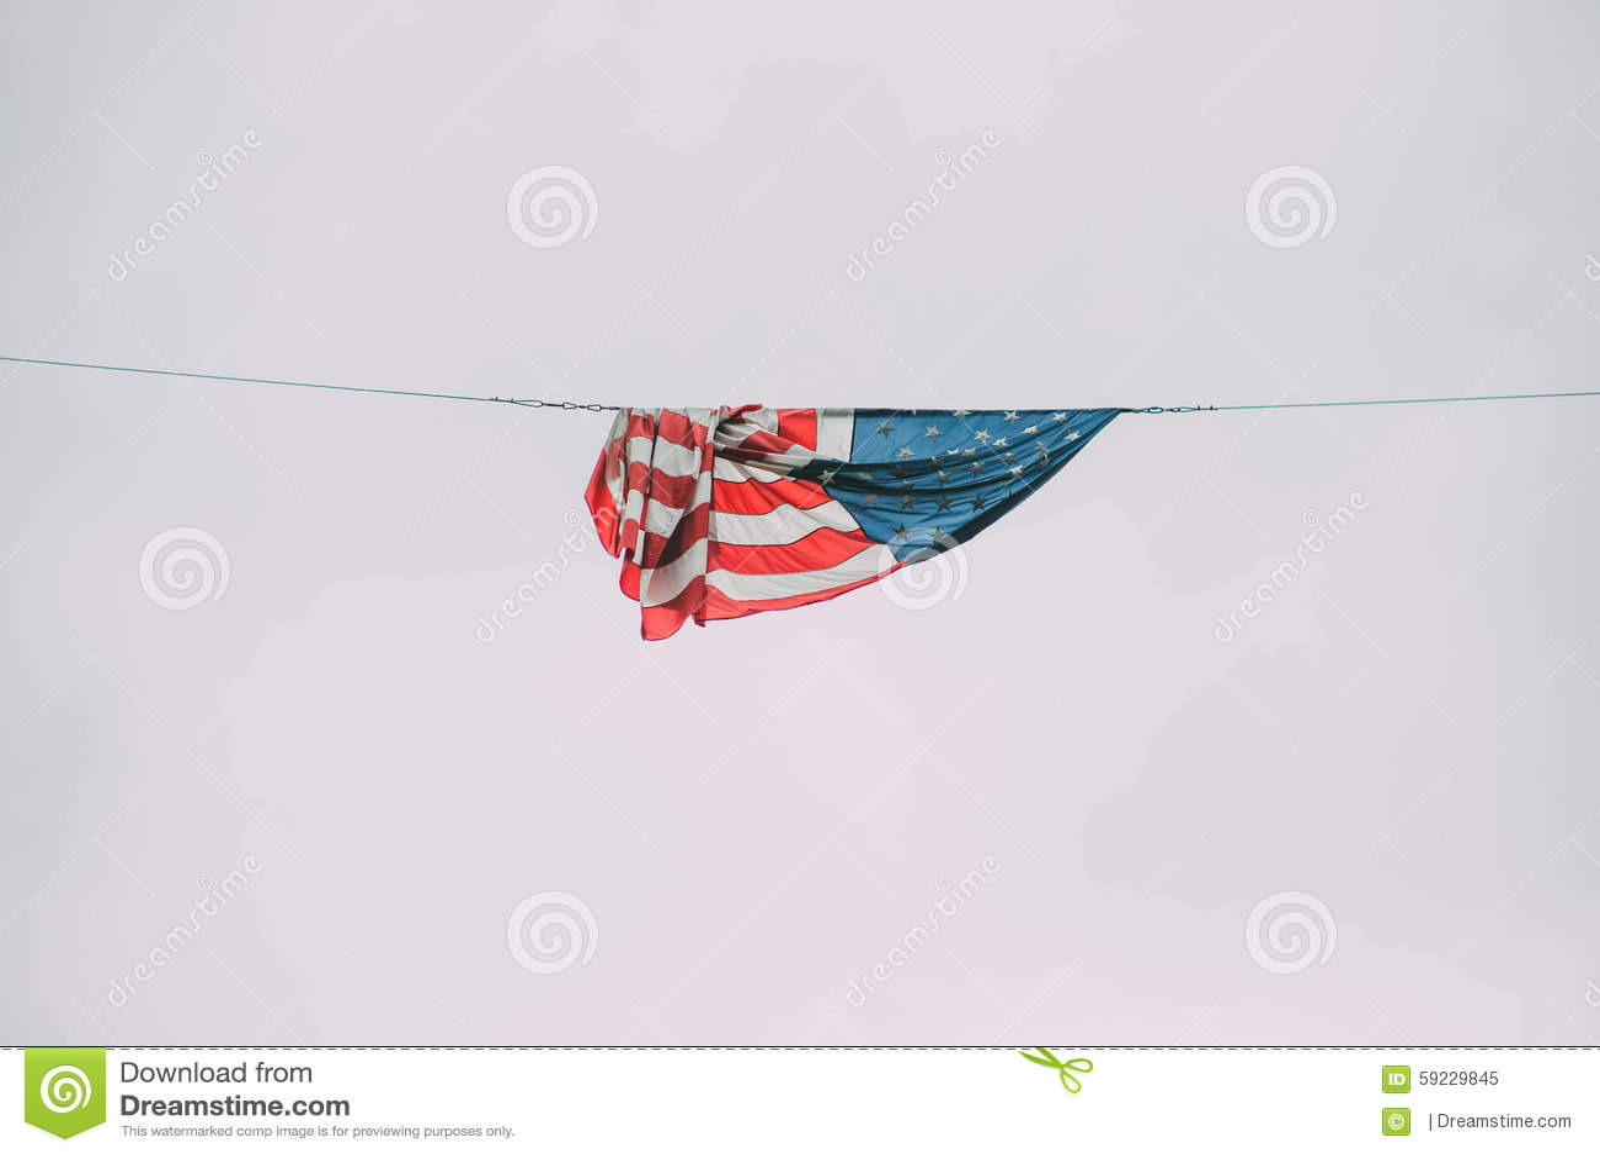 Download La Estrella Spangled La Bandera Imagen de archivo - Imagen de recorrido, potencia: 59229845